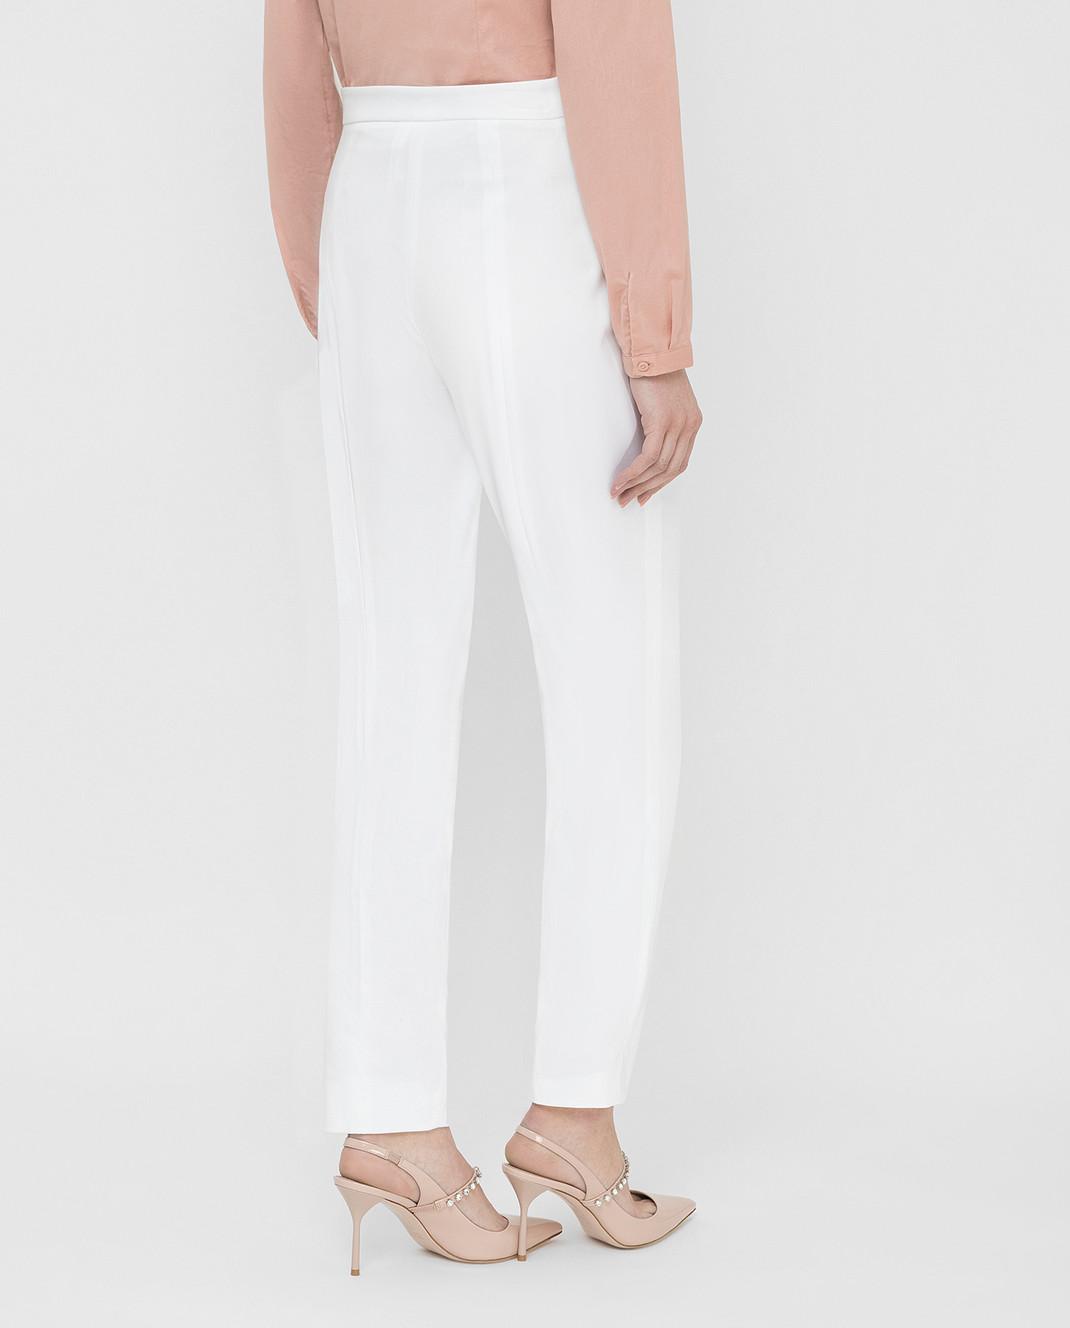 Prada Белые брюки P298C1VS4 изображение 4